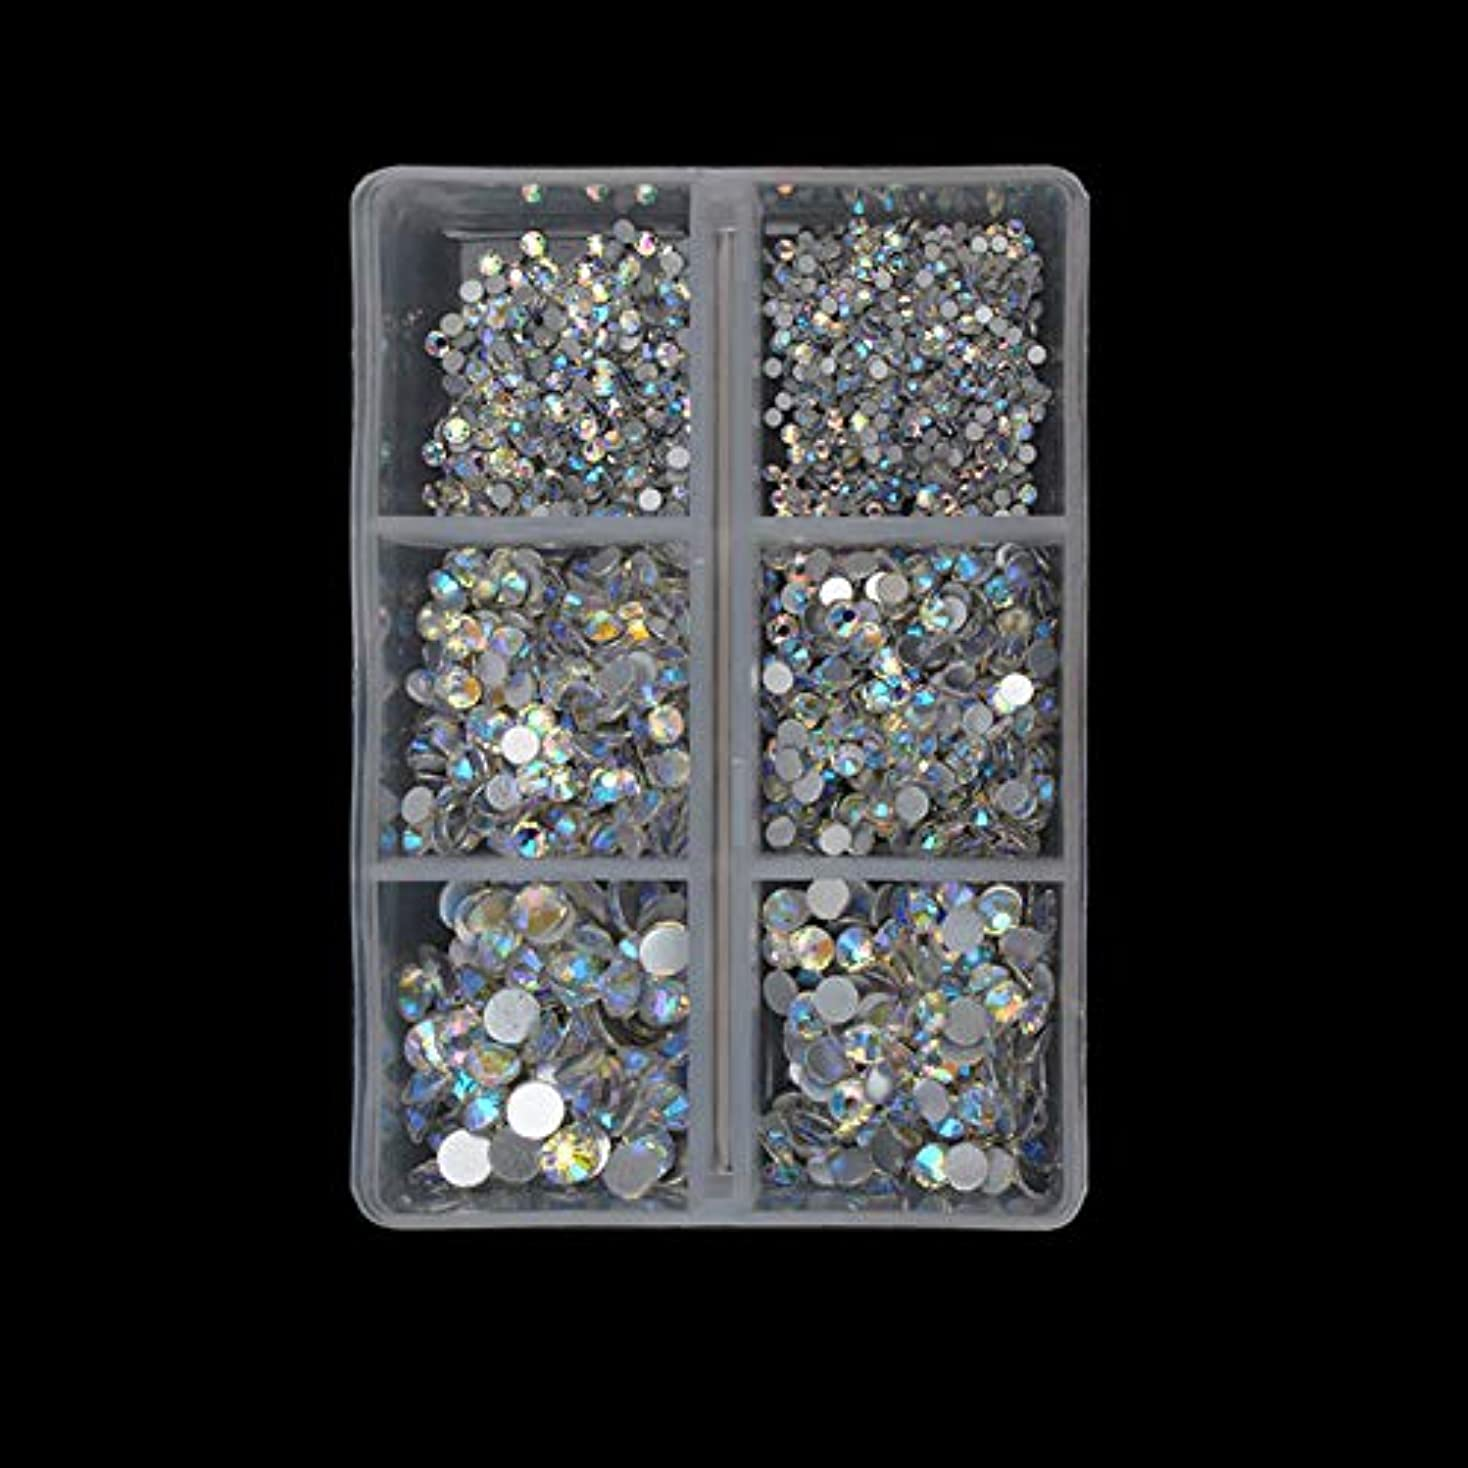 カエル頑張るウルルACHICOO ネイルラインストーン UVネイルポリッシュ ネイルジュエリー用 6グリッド/セット キラキラ ガラス 可愛い 手作りネイル   14箱入り